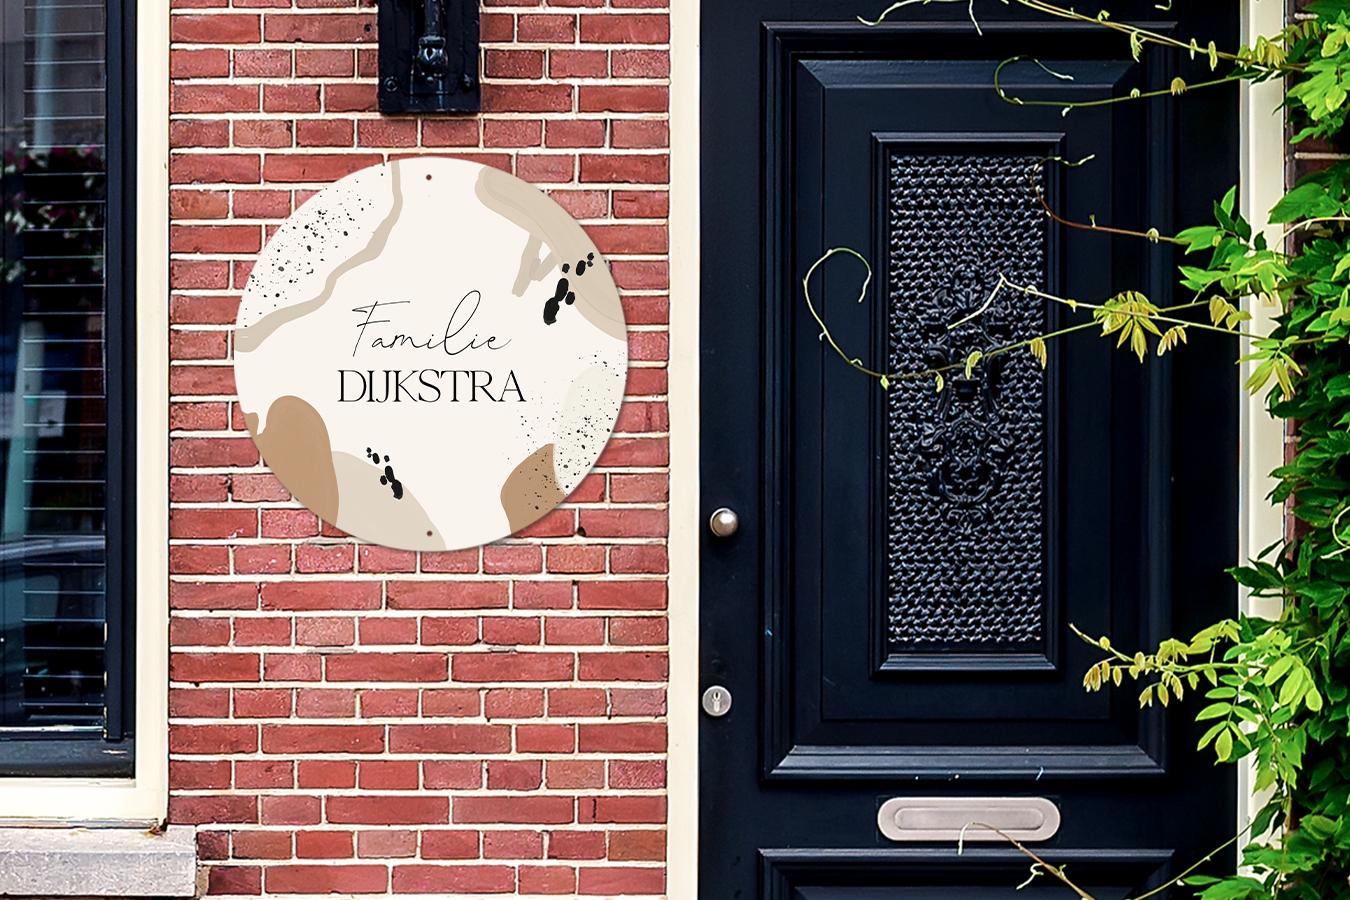 Gepersonaliseerd huisnummerbordje (nummer, naam, afbeelding) - vanaf €9,24 met code @ Fotoproducten.nl